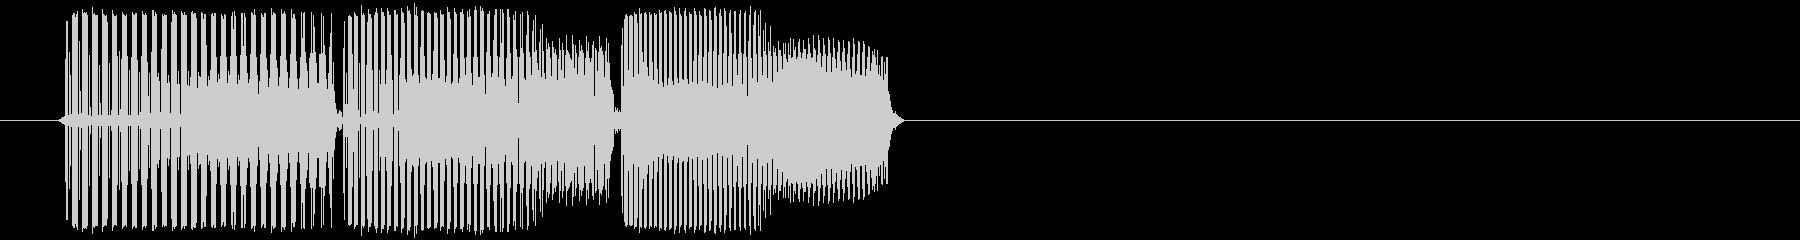 テロリ(決定時の効果音、レトロ)の未再生の波形